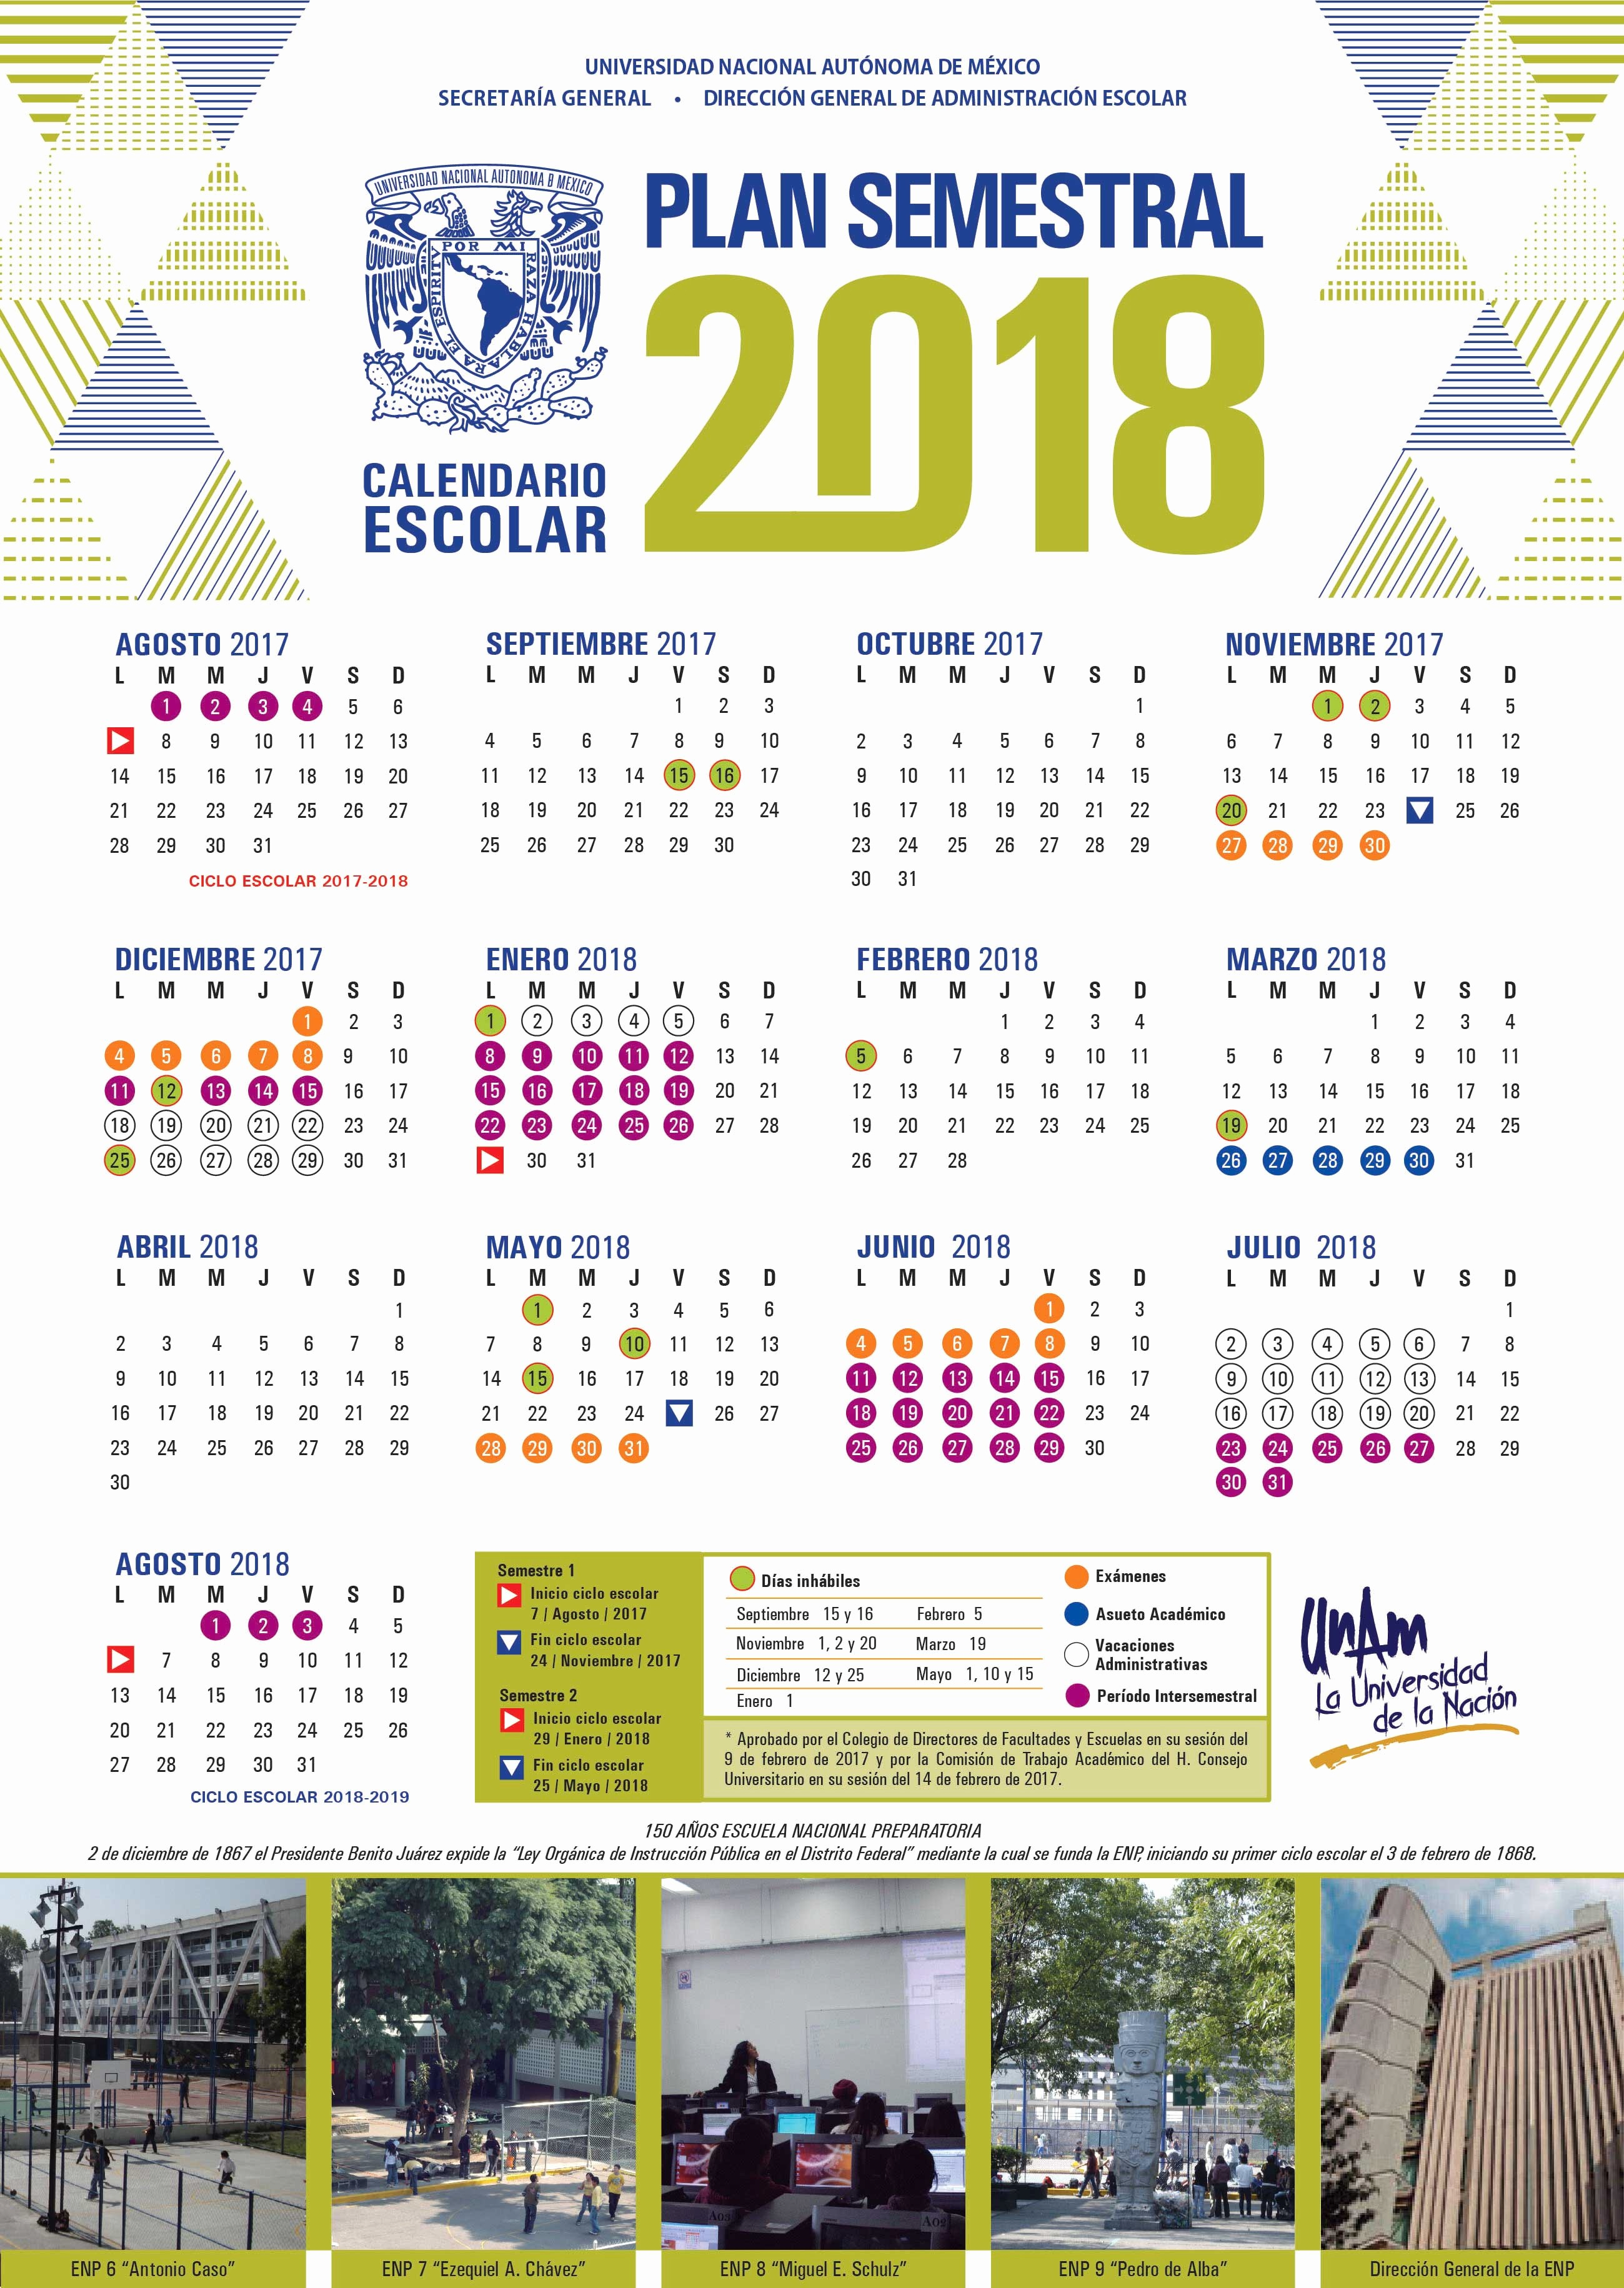 Calendario Facultad De Medicina 2019 Unam Dgae Siae Actividades